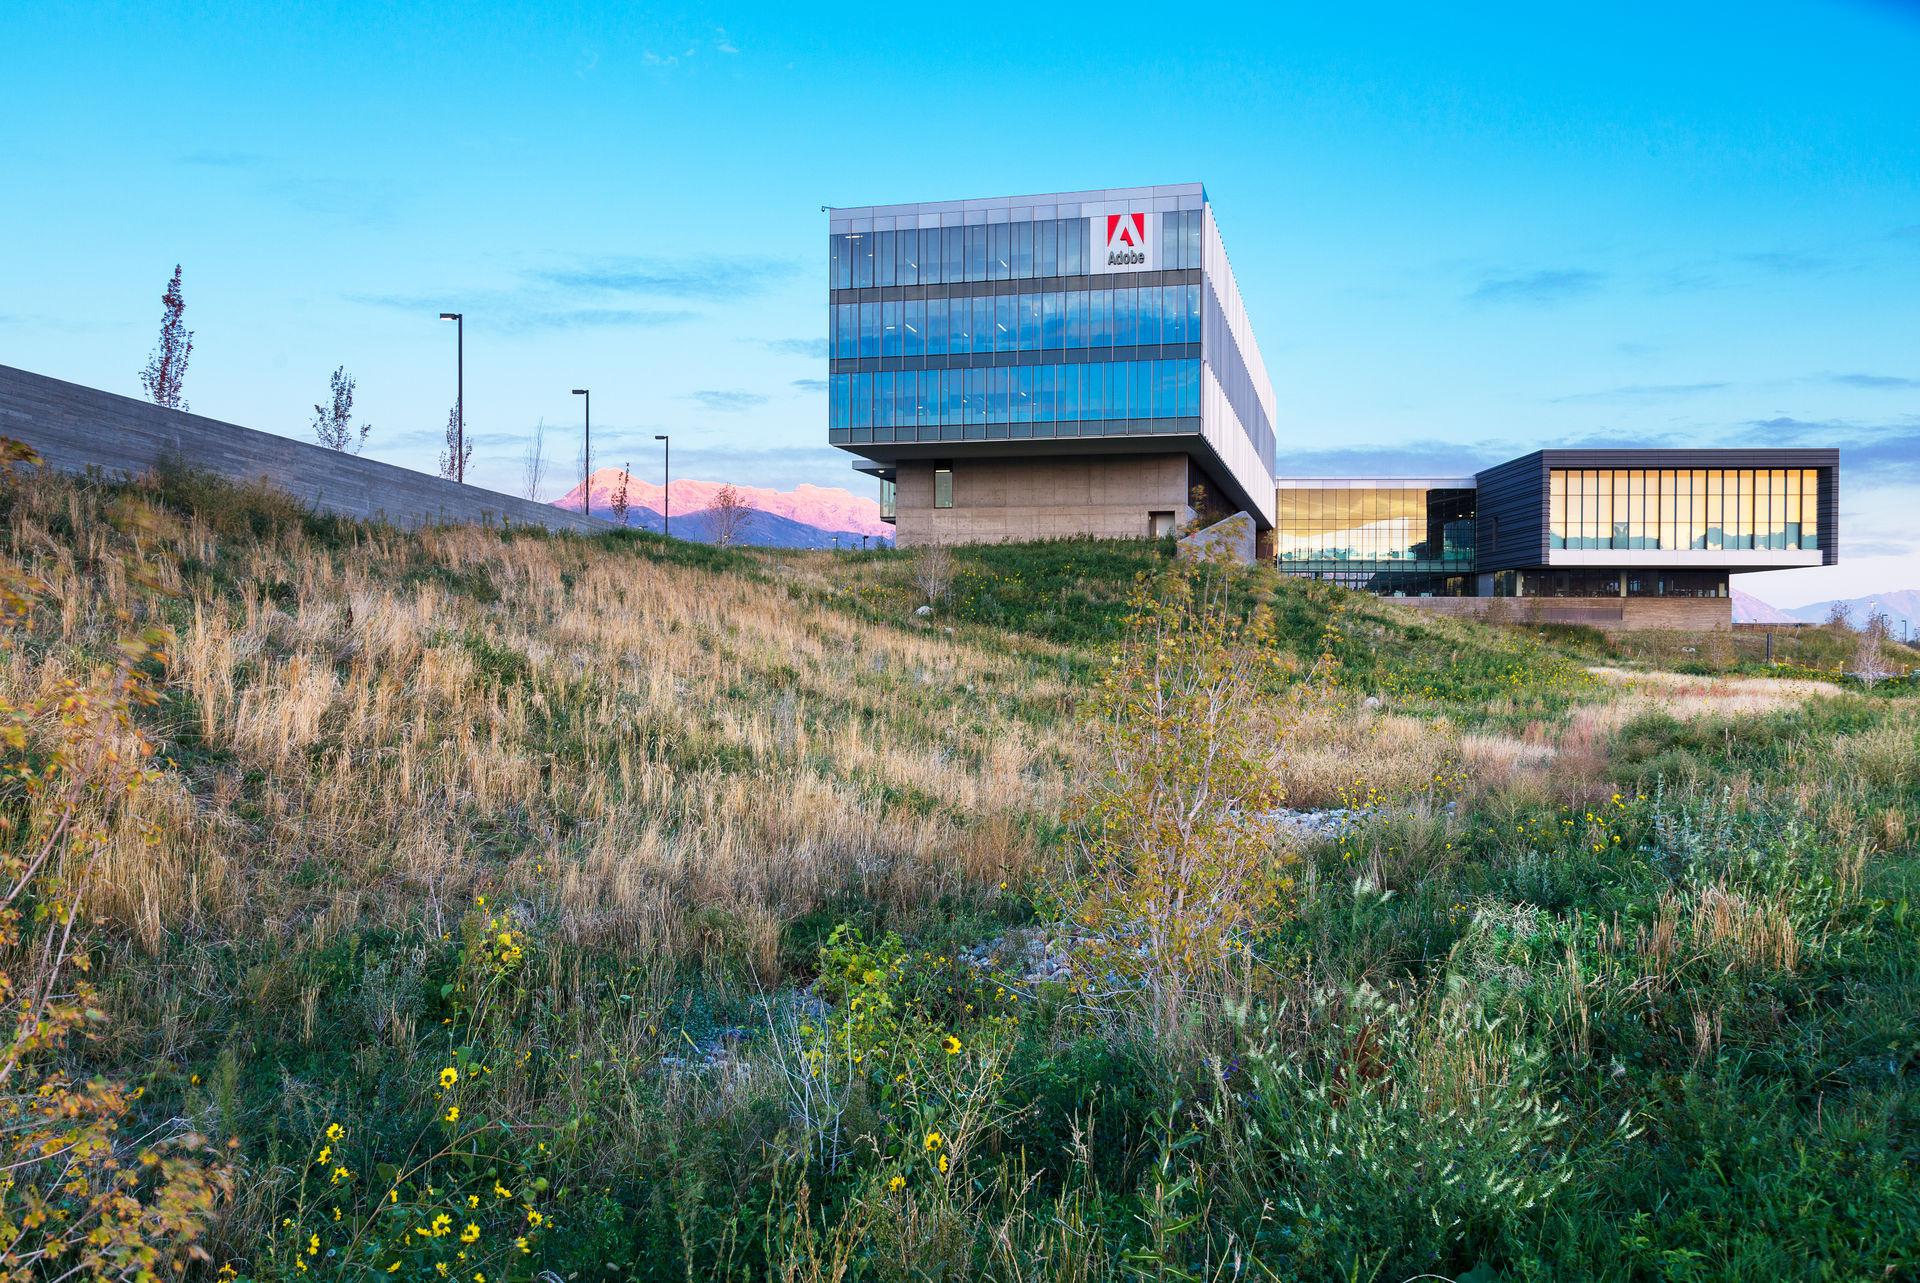 San Francisco Landscape Architecture Firms - Landscape architecture campus planning